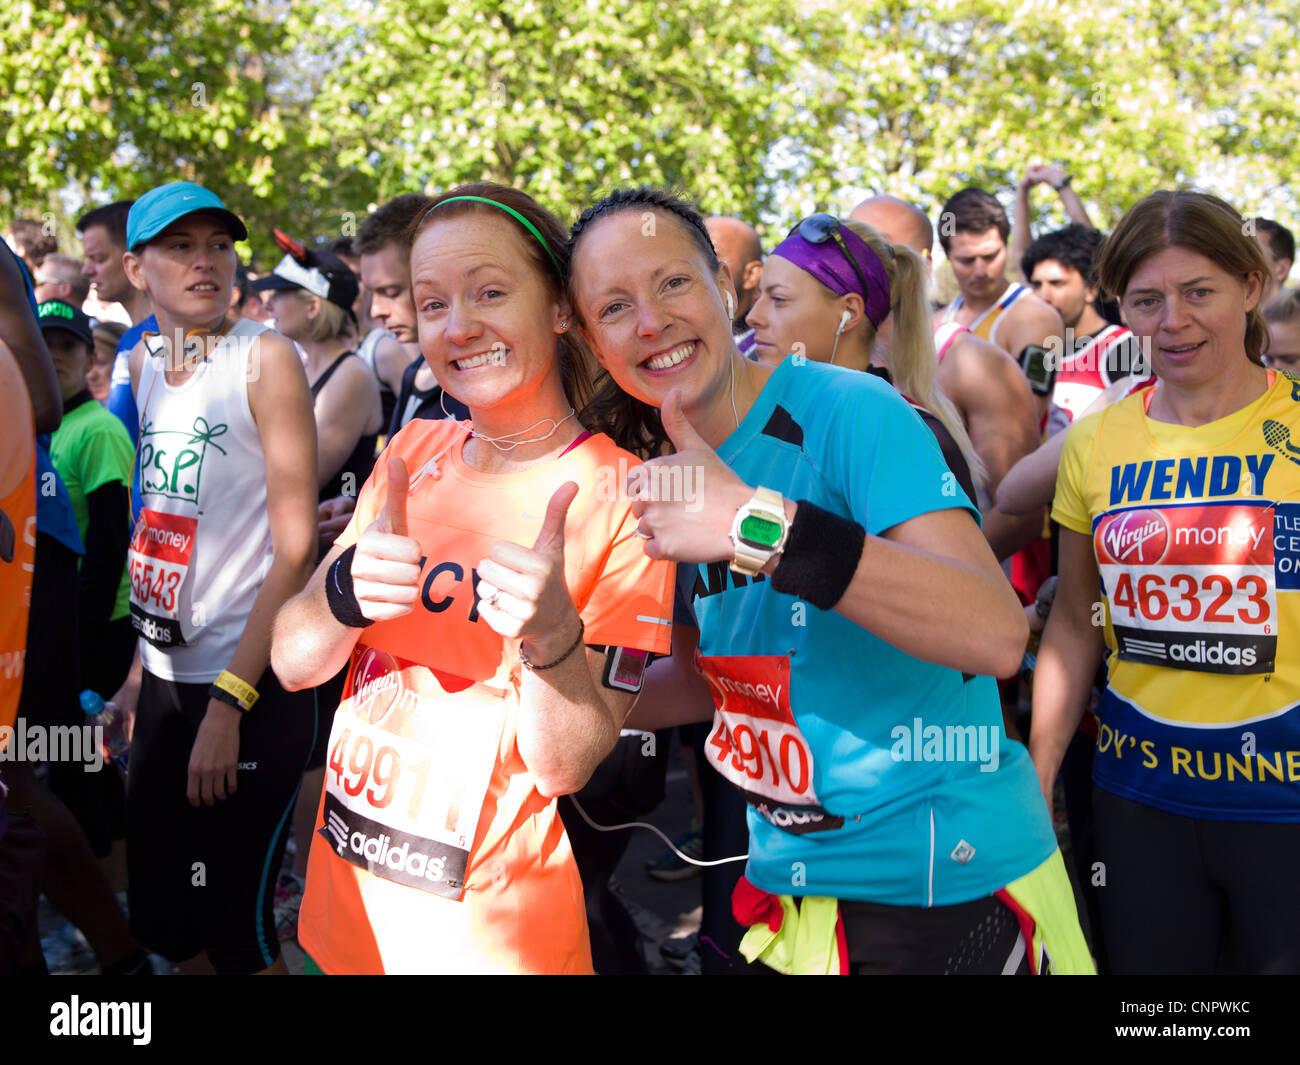 Marathon de Londres, glissières de bienfaisance 9.35am start rouge London Greenwich Park. Runner dans le parc Photo Stock